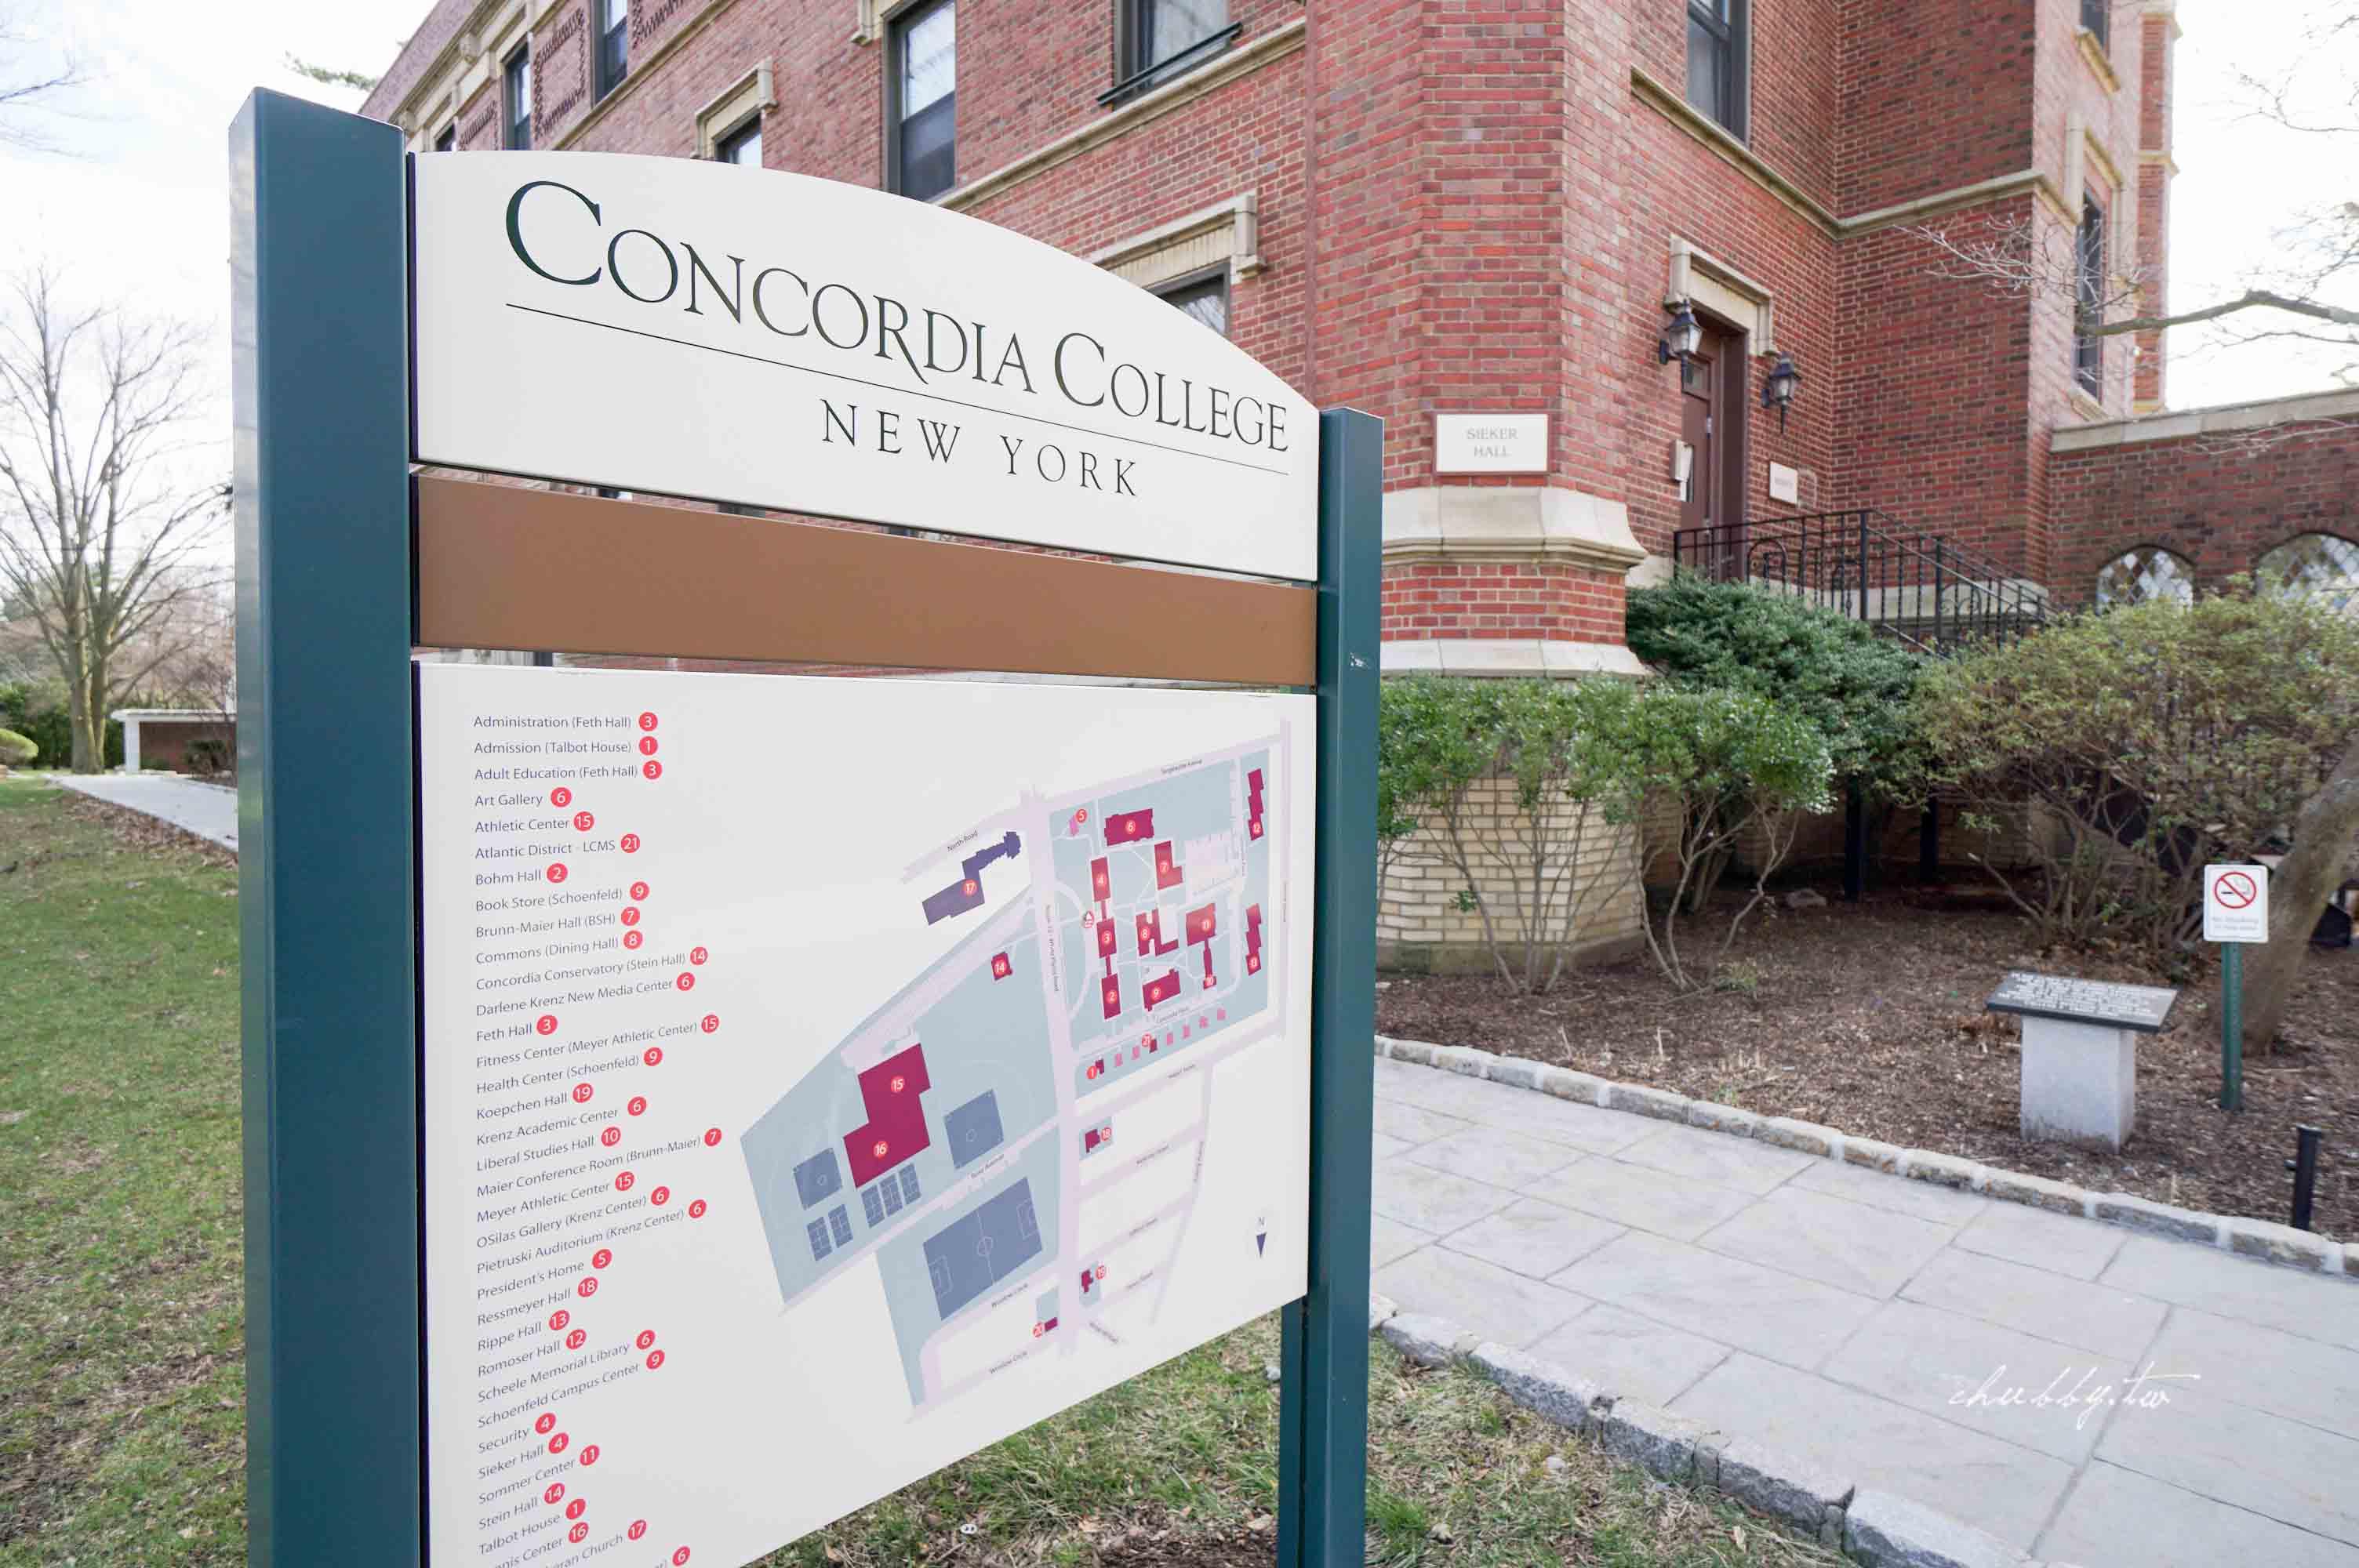 美國遊學│紐約語言學校心得:Kings - New York (Concordia College)和柯林頓的女兒當鄰居吧!